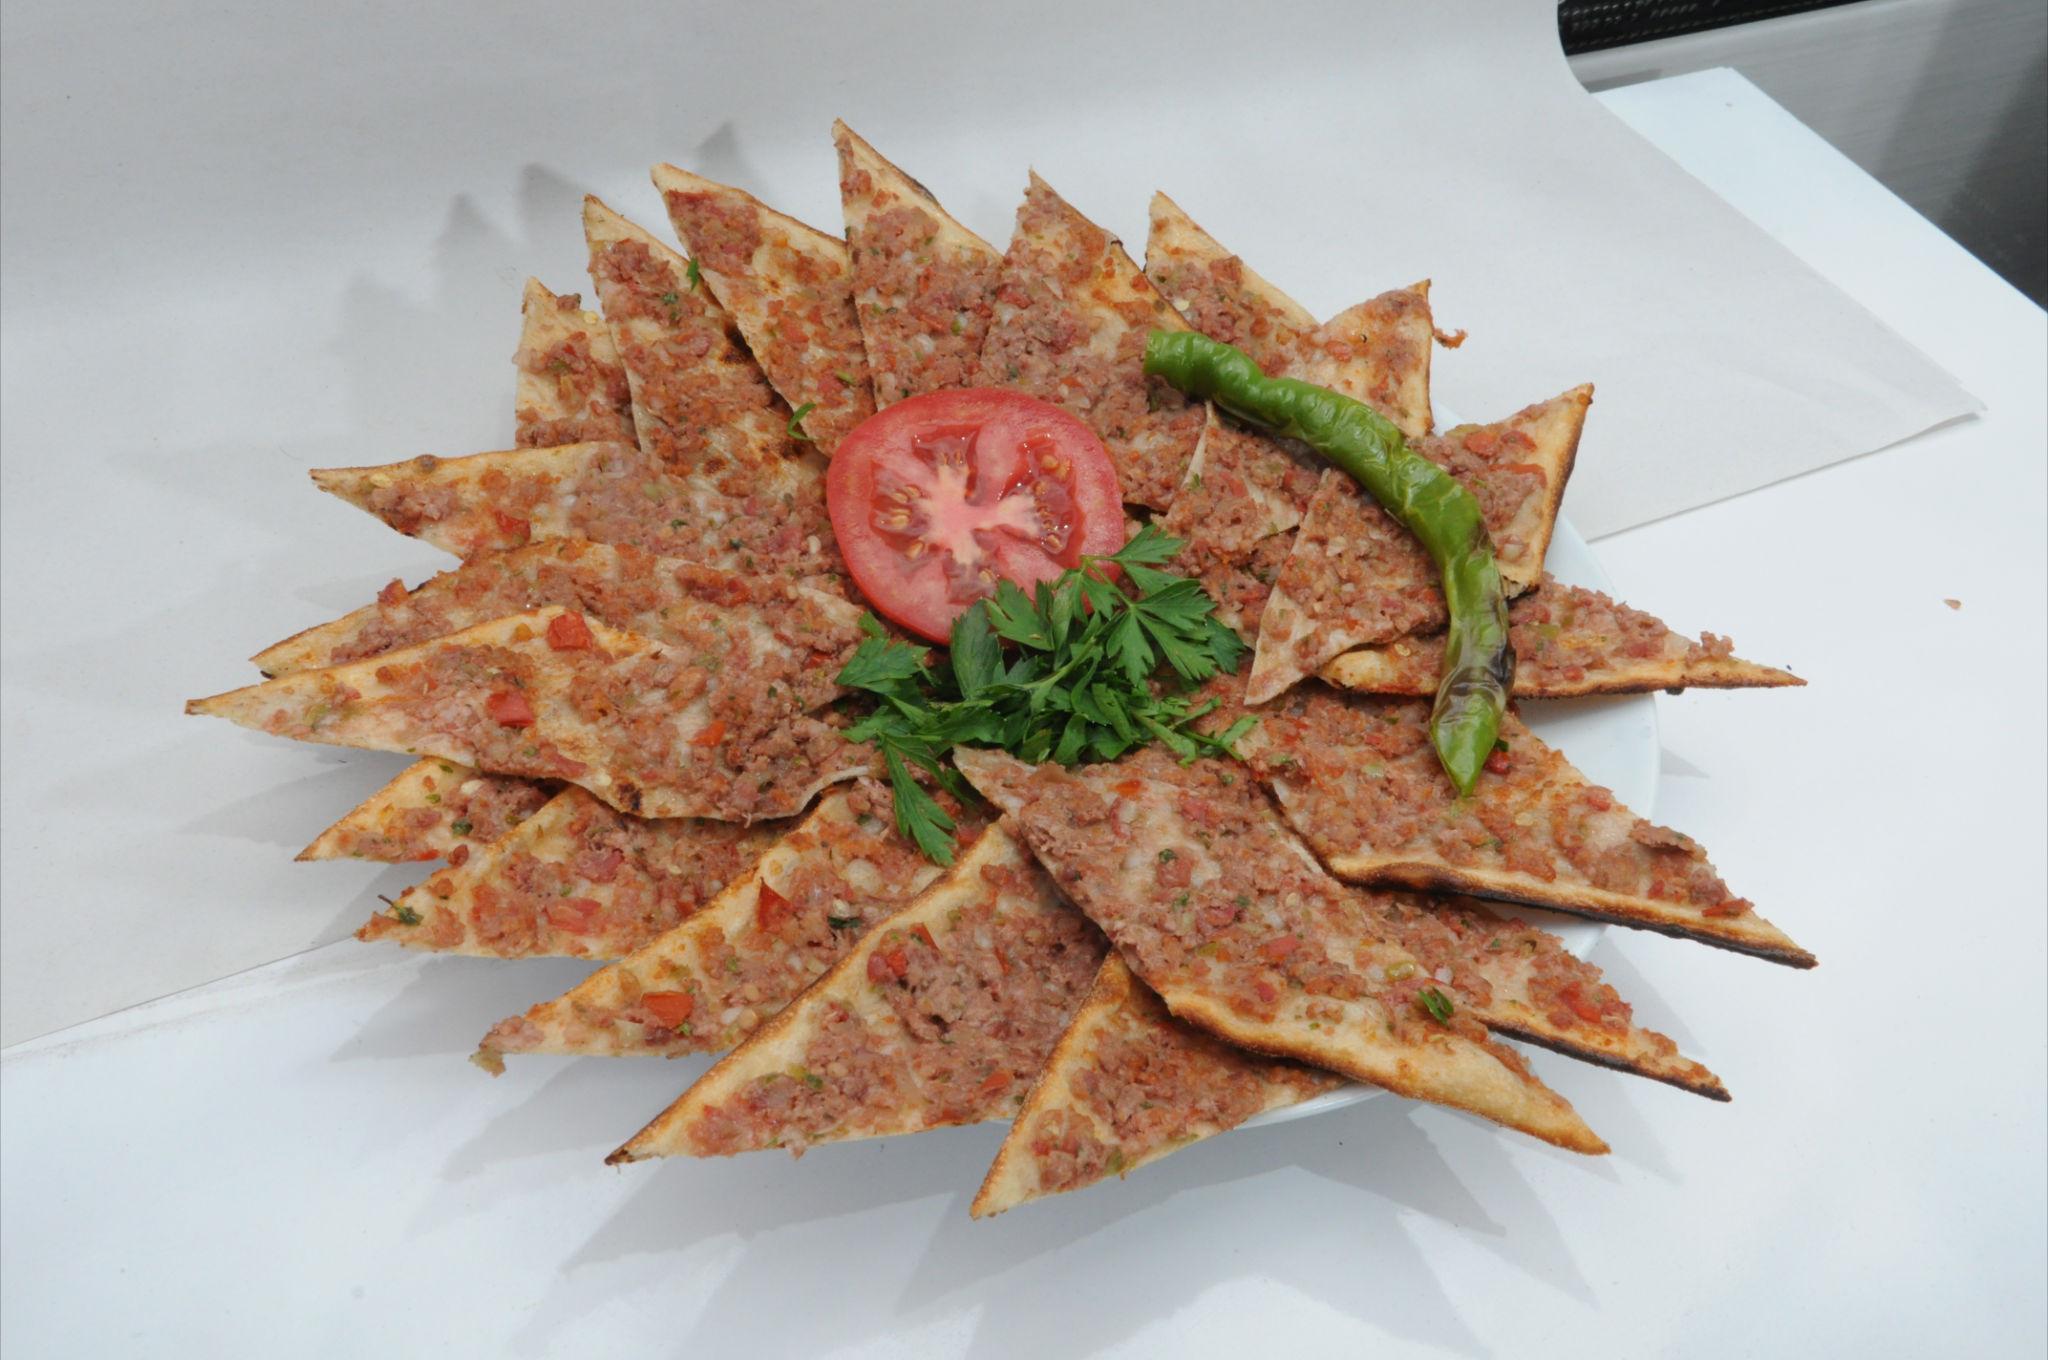 Rüyada İnsan Eti Yemek Görmek İslami Yorum